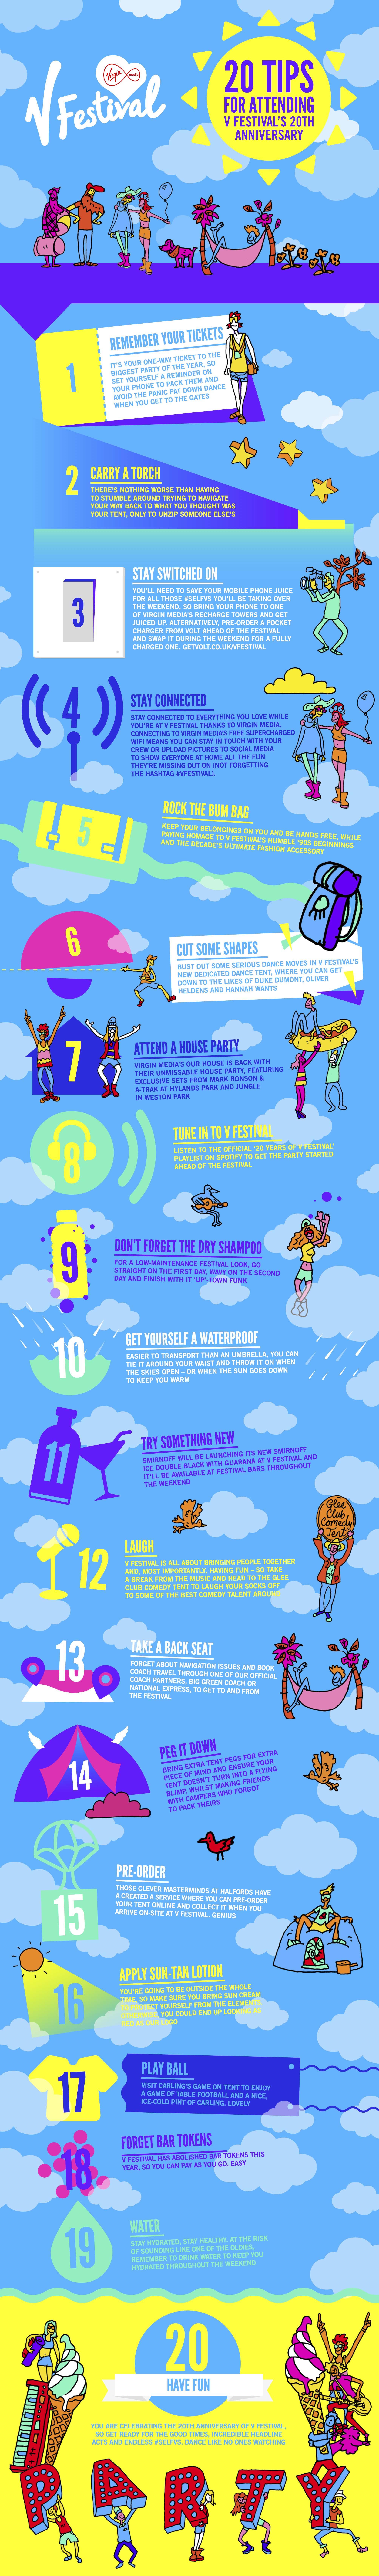 20 Tips for Attending V Festival's 20th Anniversary